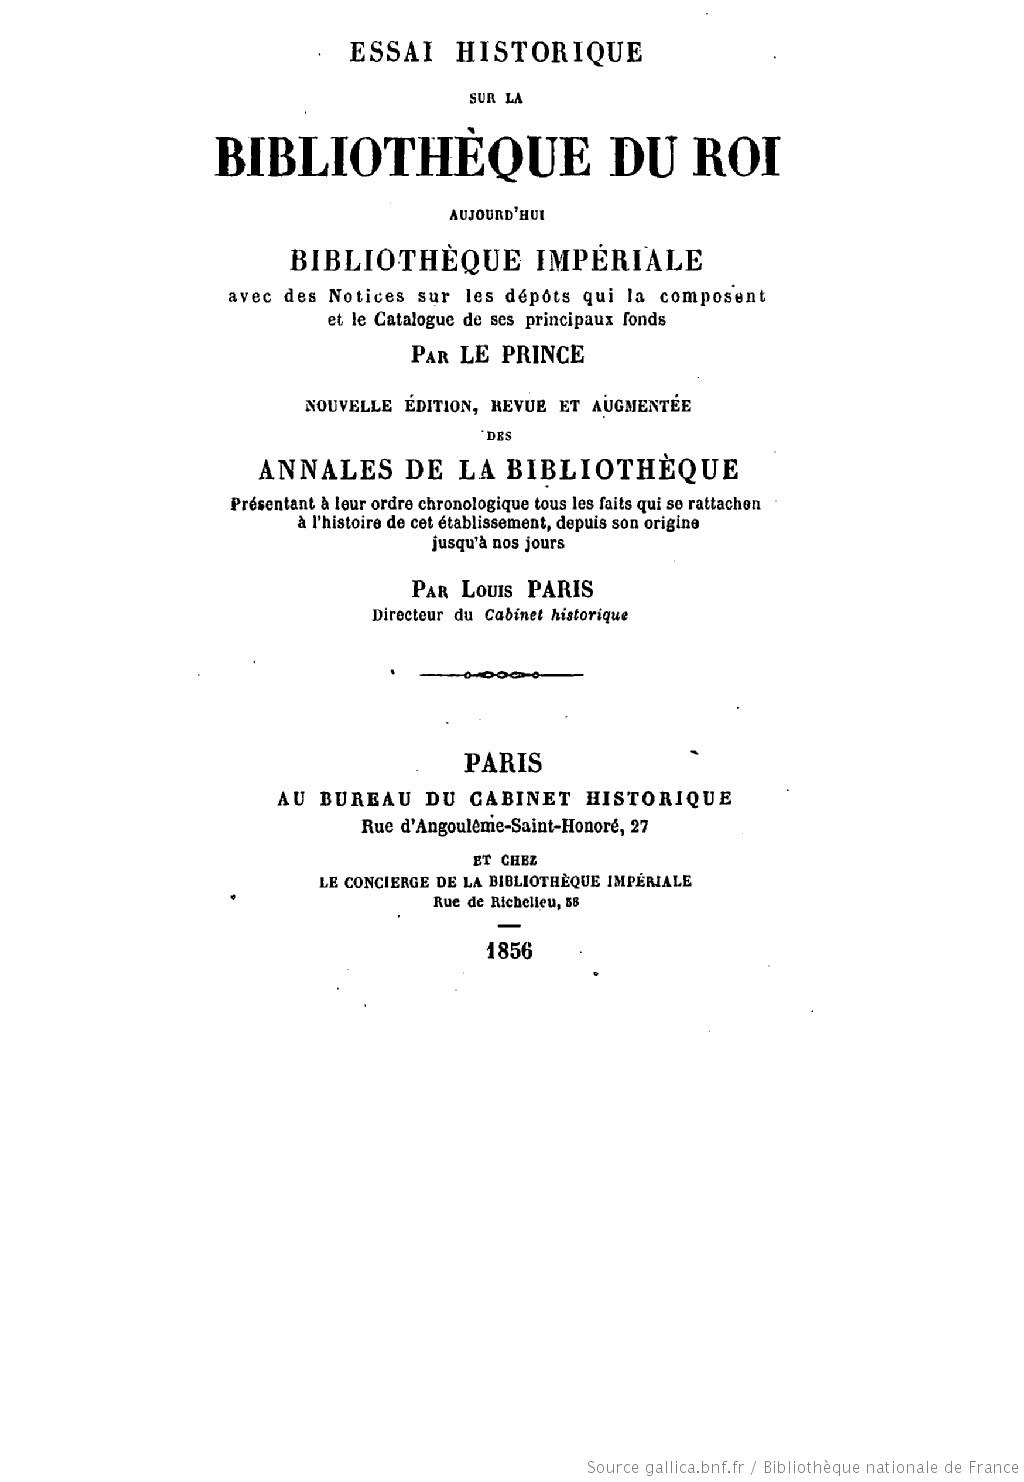 Essai historique sur la Bibliothèque du roi, aujourd'hui Bibliothèque impériale (Éd.1856) - Nicolas-Thomas Leprince